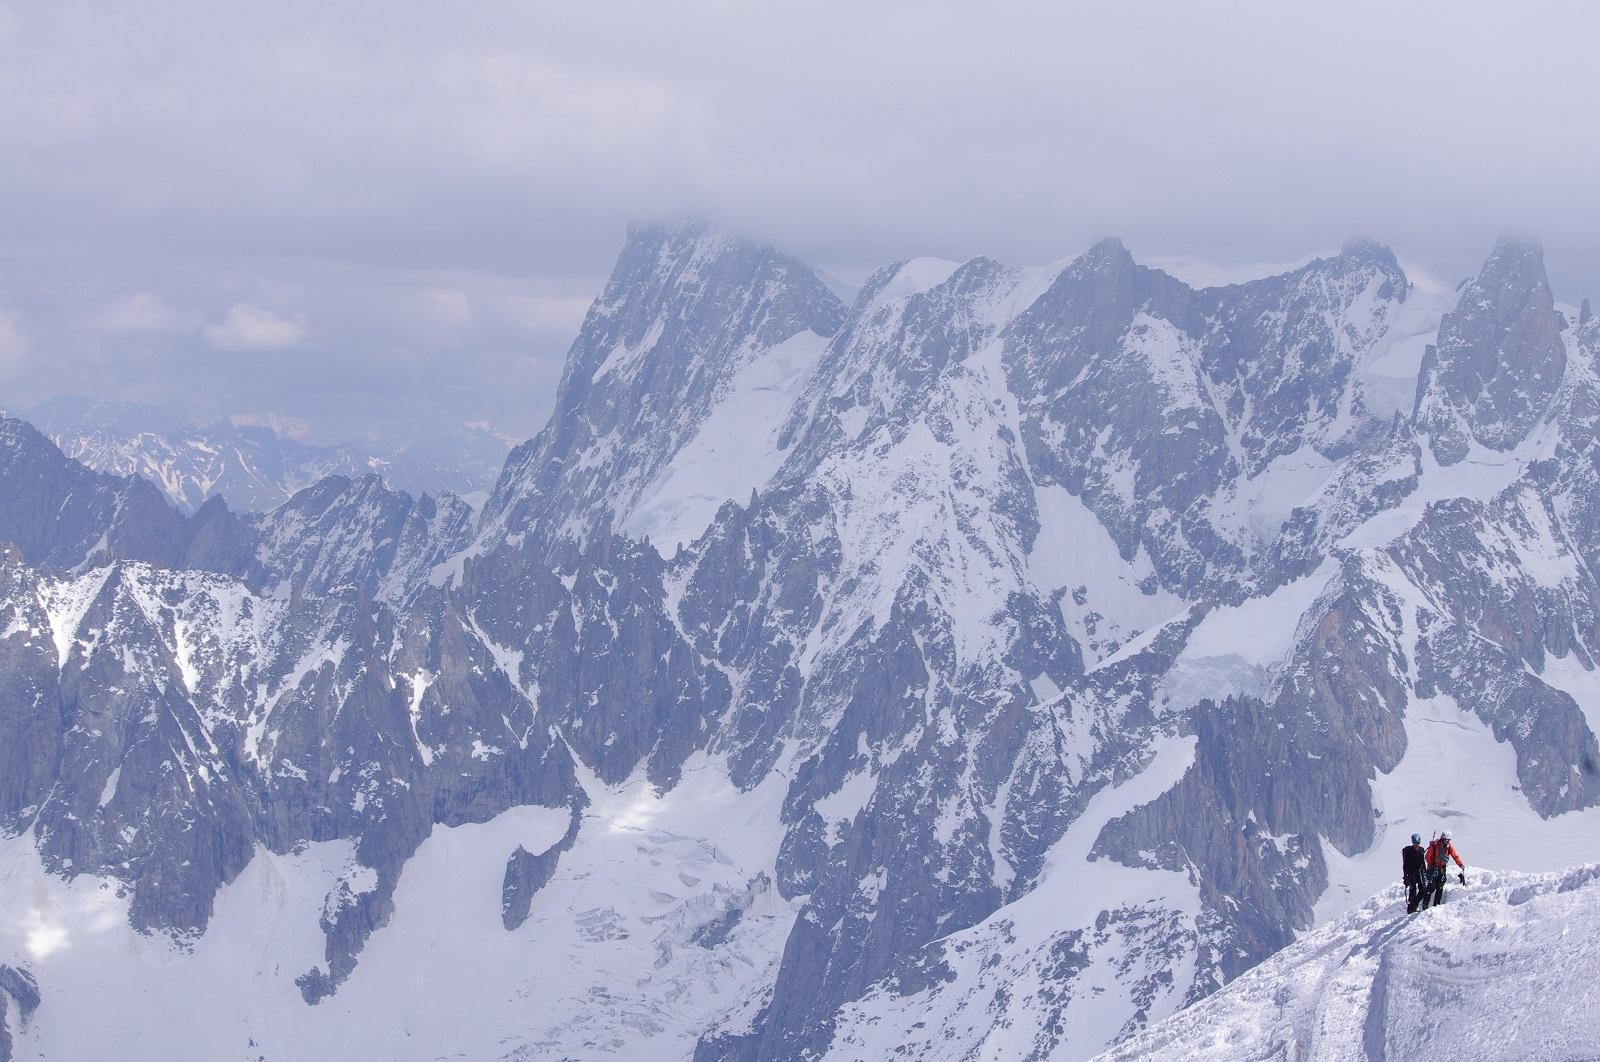 2 escaladores subiendo por un costado